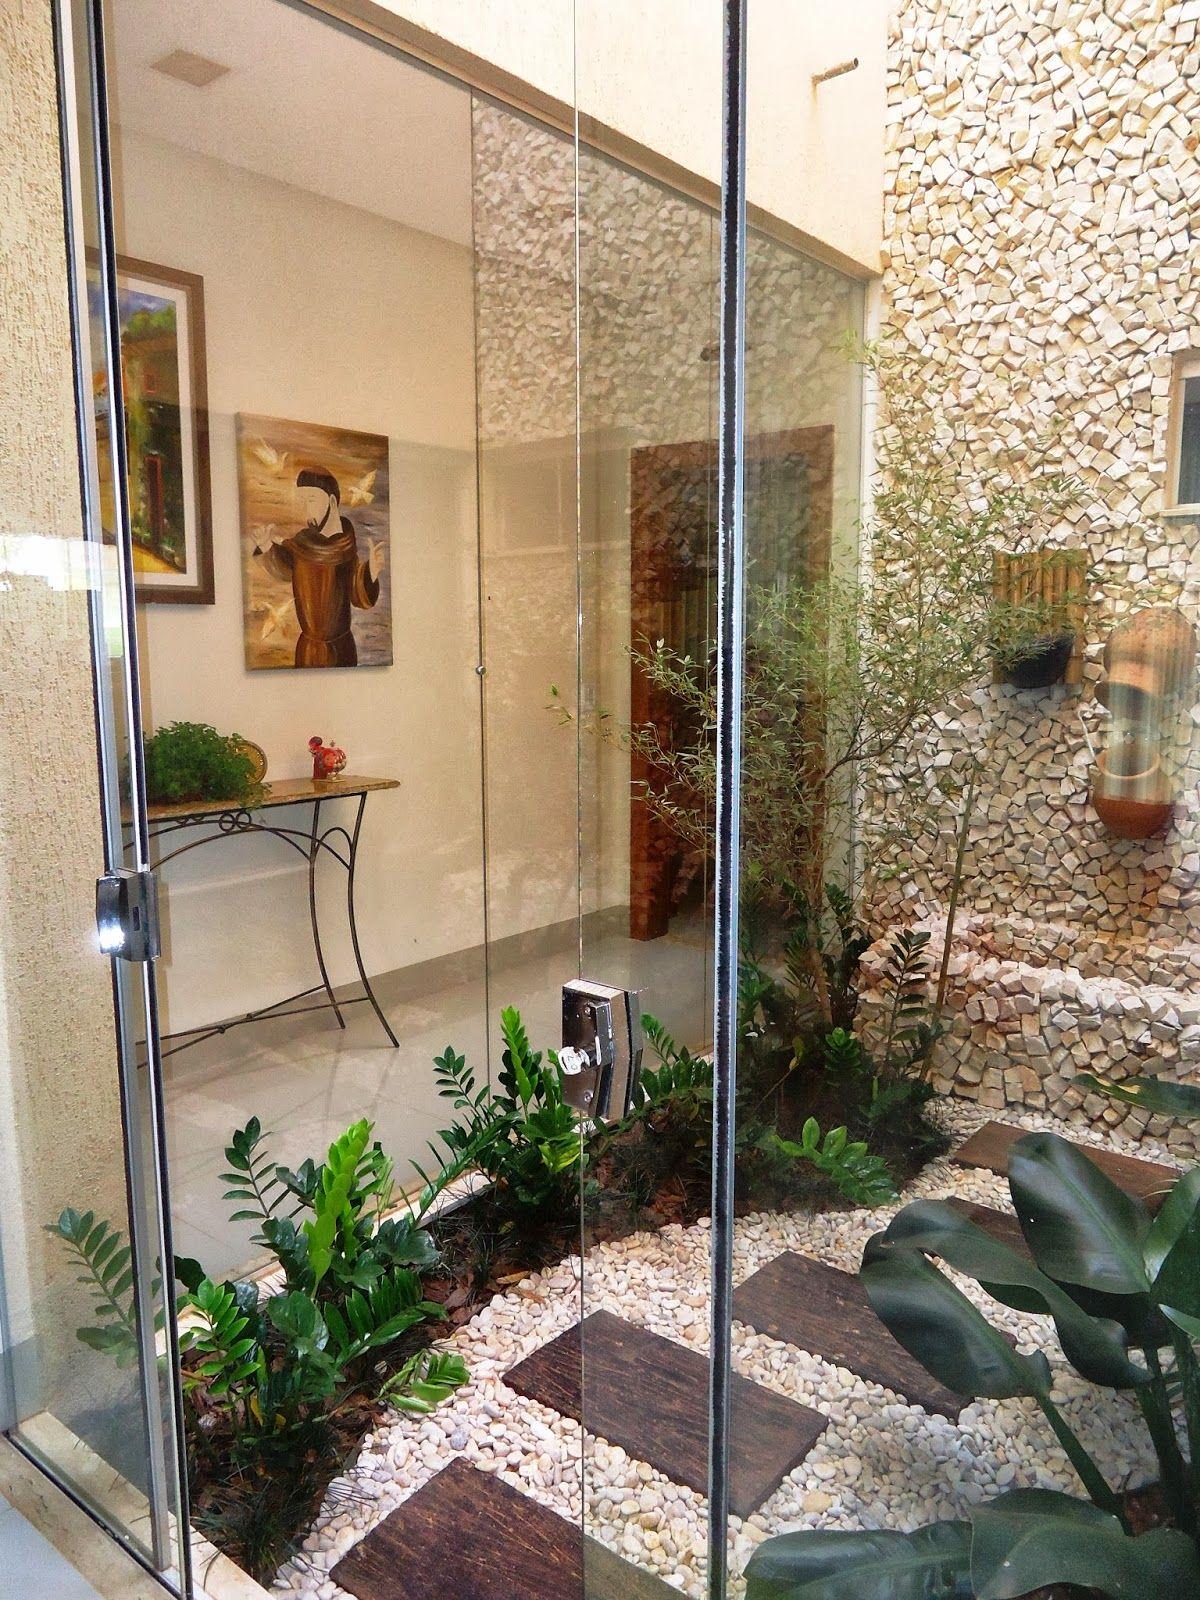 Pin De Kumara Swamy S R Em Plants Decoración De Unas